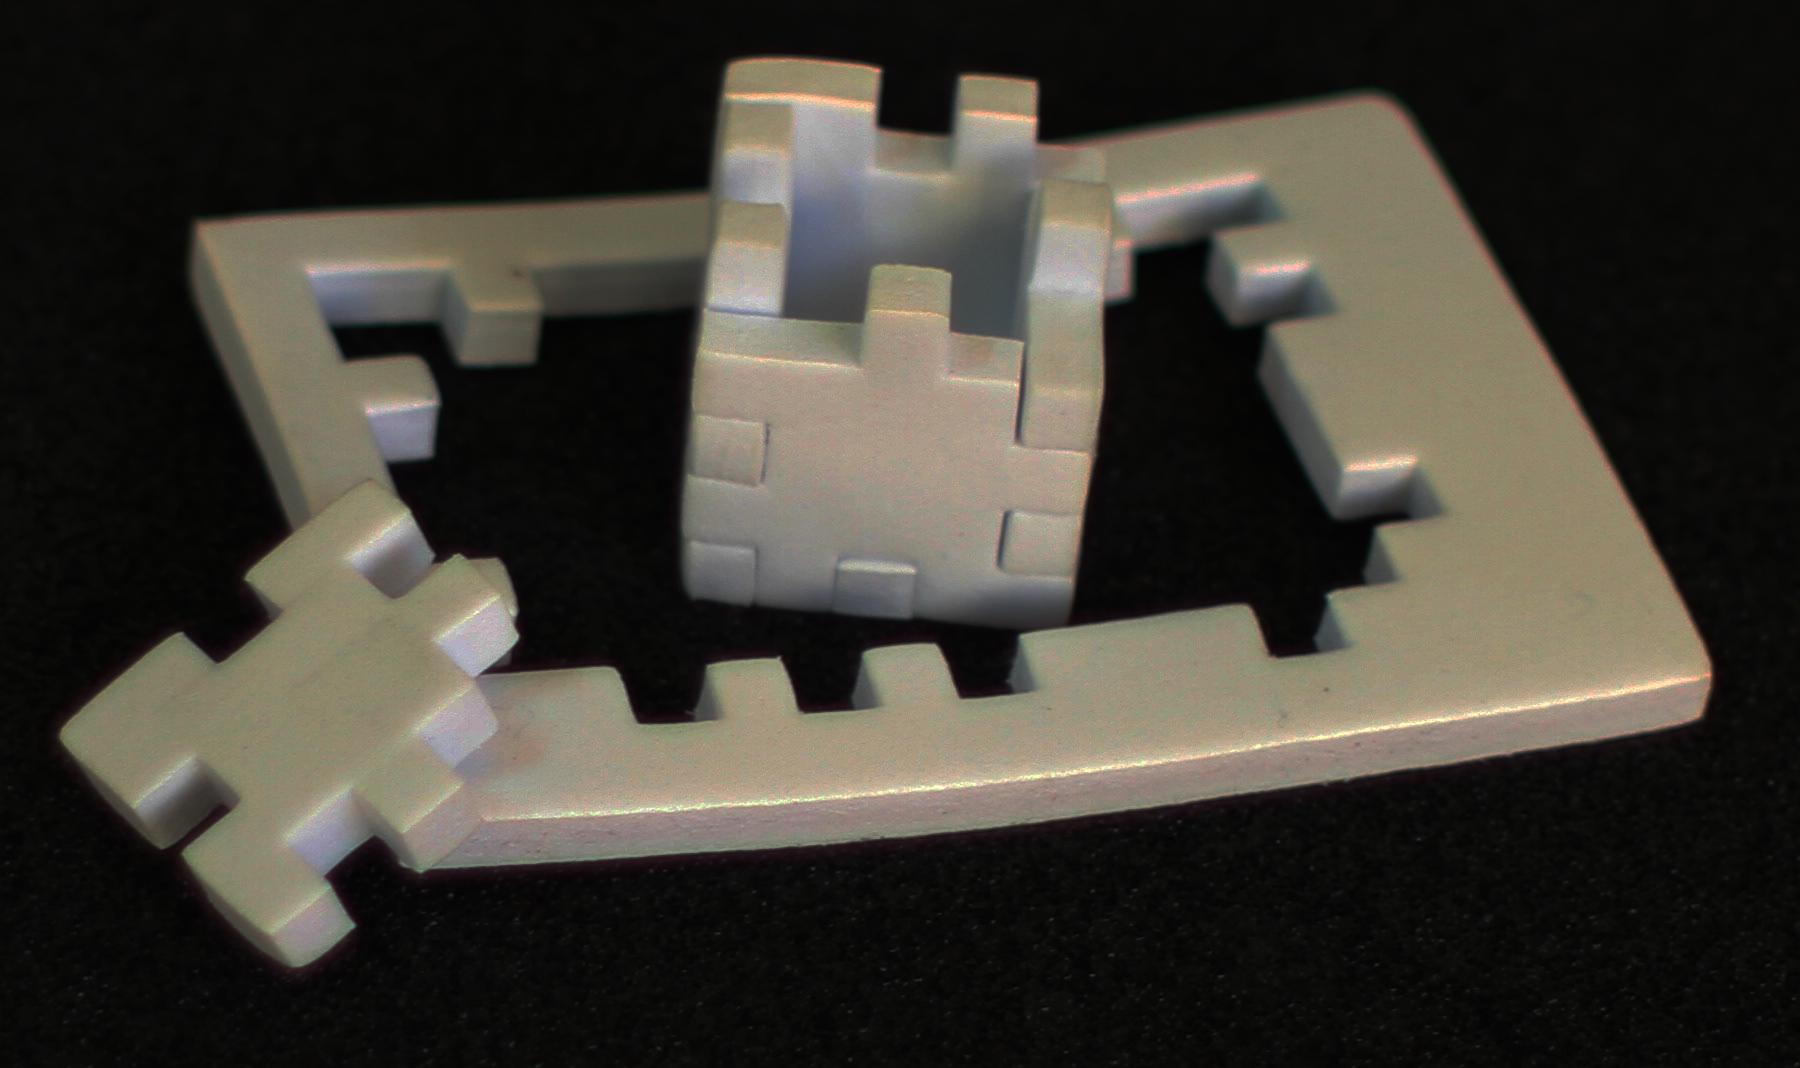 Quebra-cabeças Image